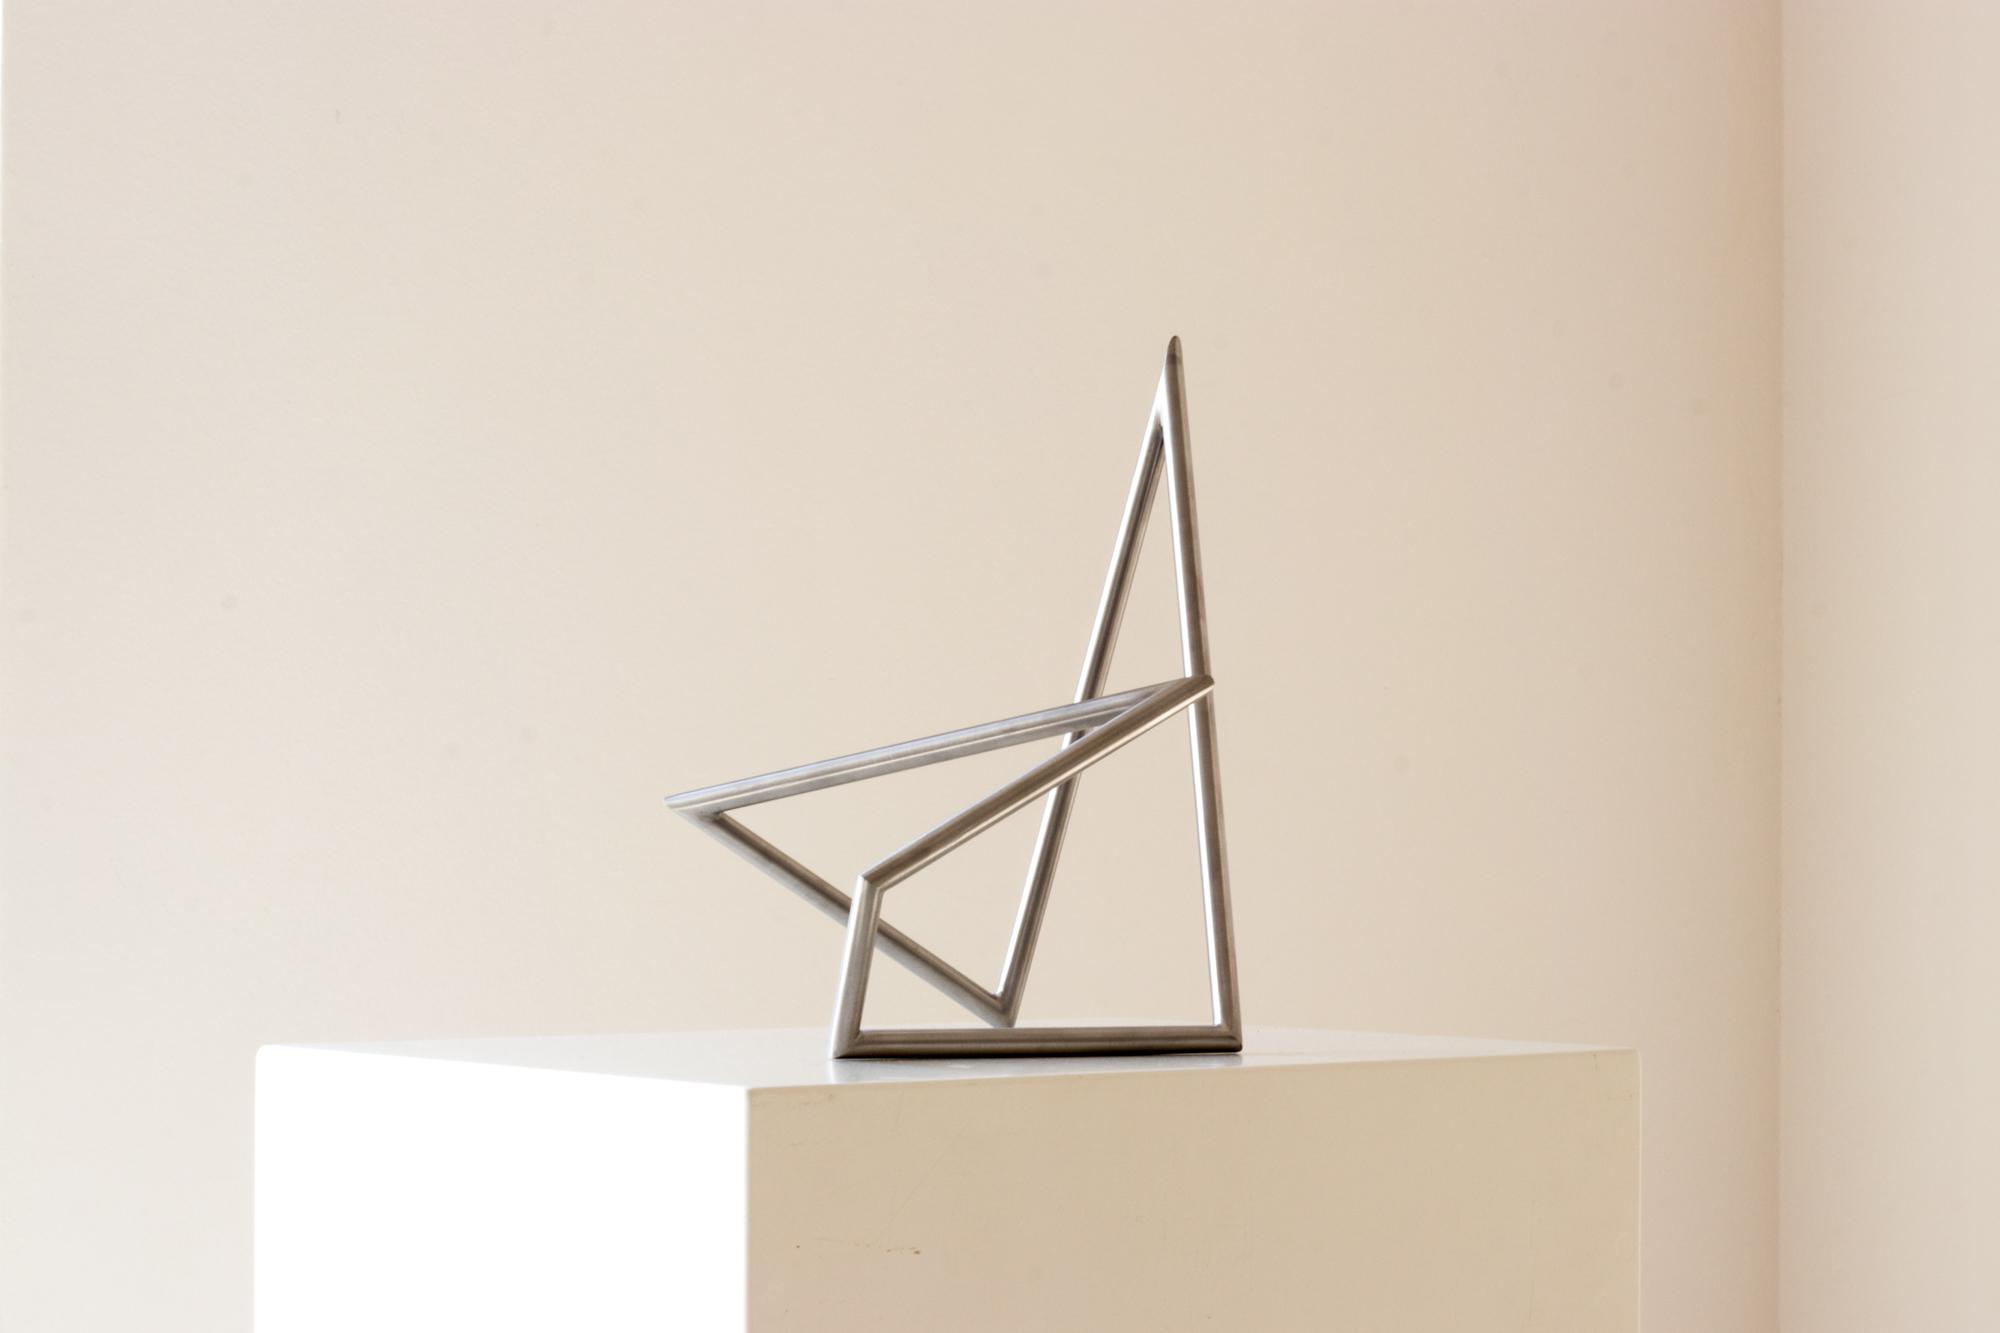 Norbert_Thomas_Galerie_Zváodný.jpg